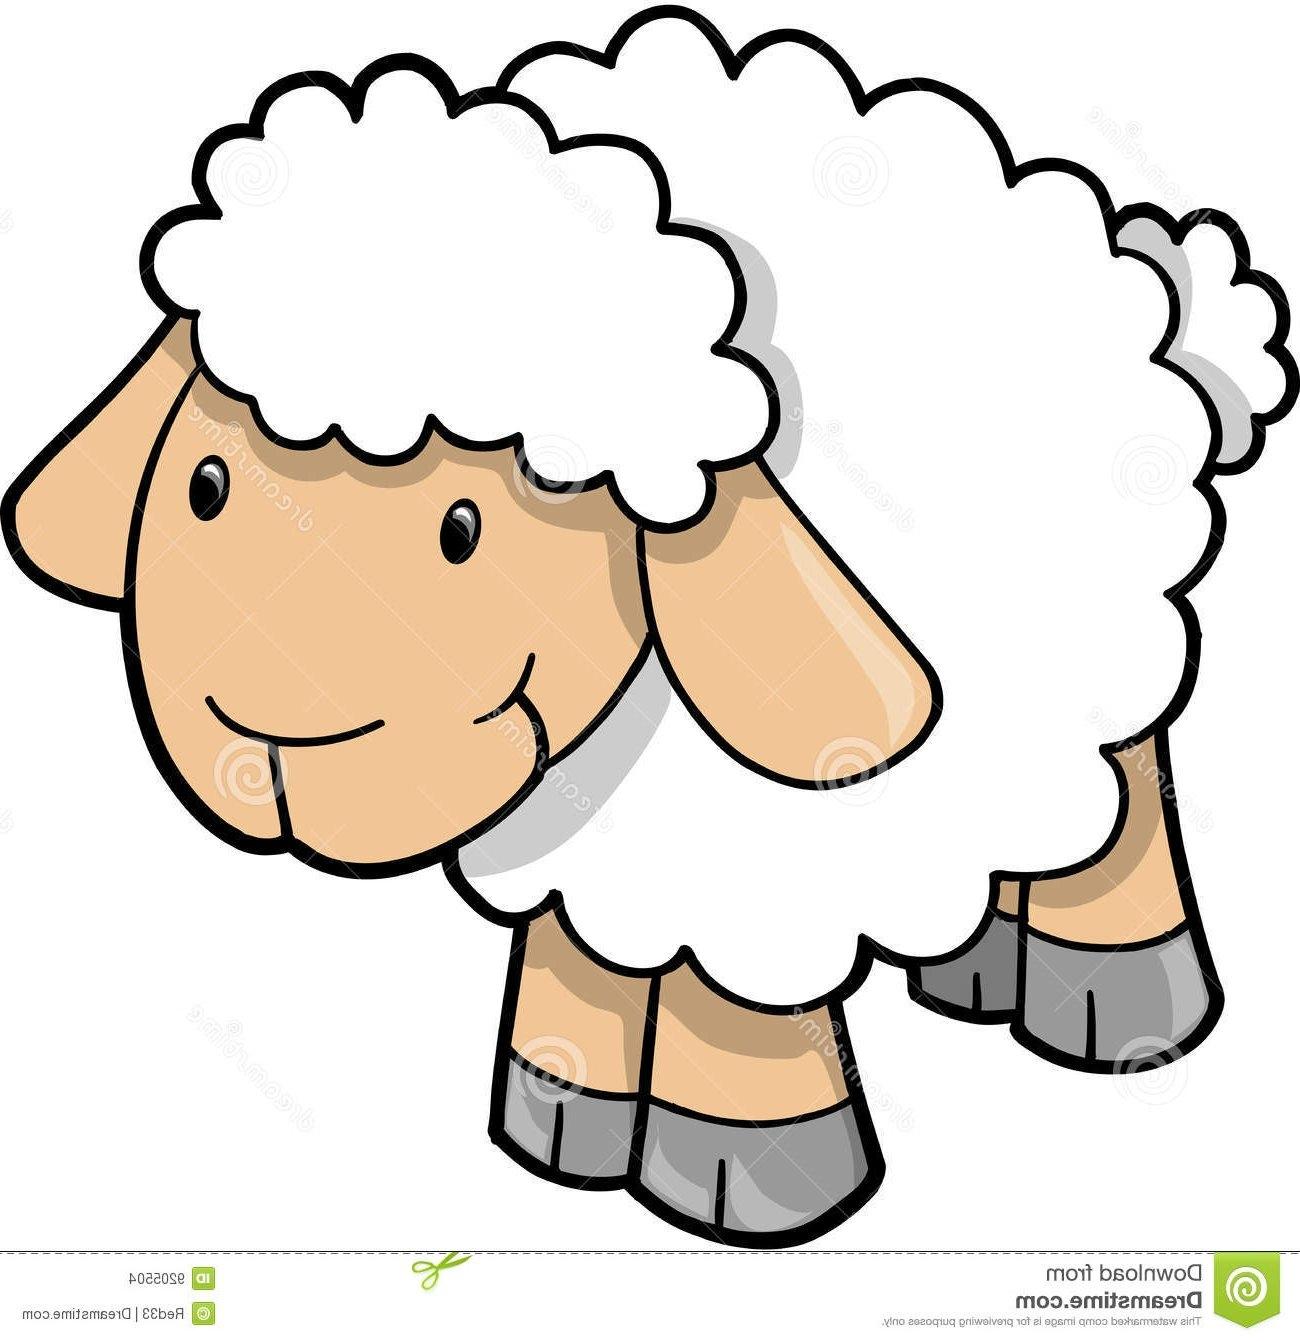 Cute sheep at getdrawings. Lamb clipart